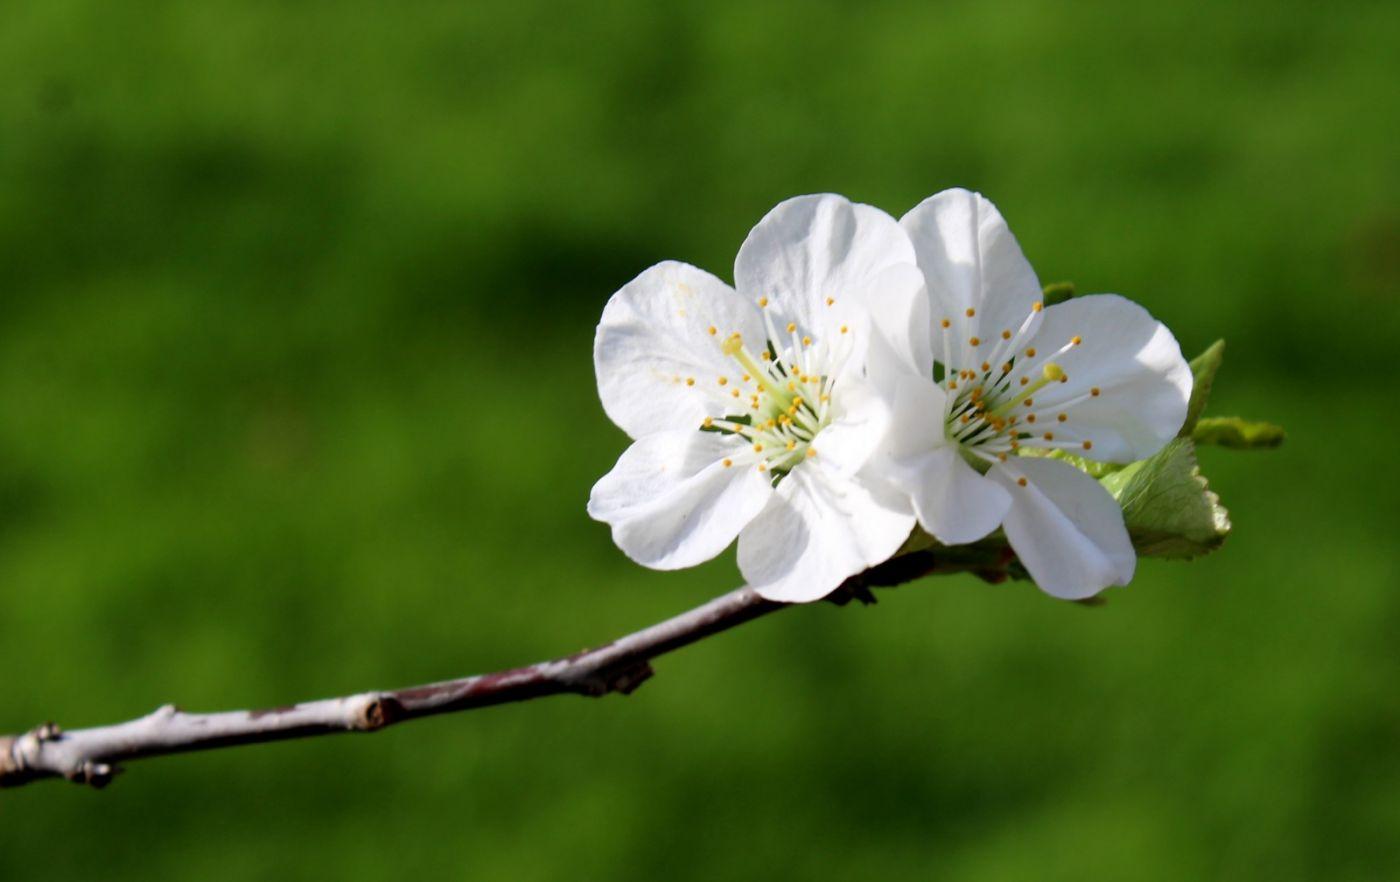 樱桃花开了_图1-8